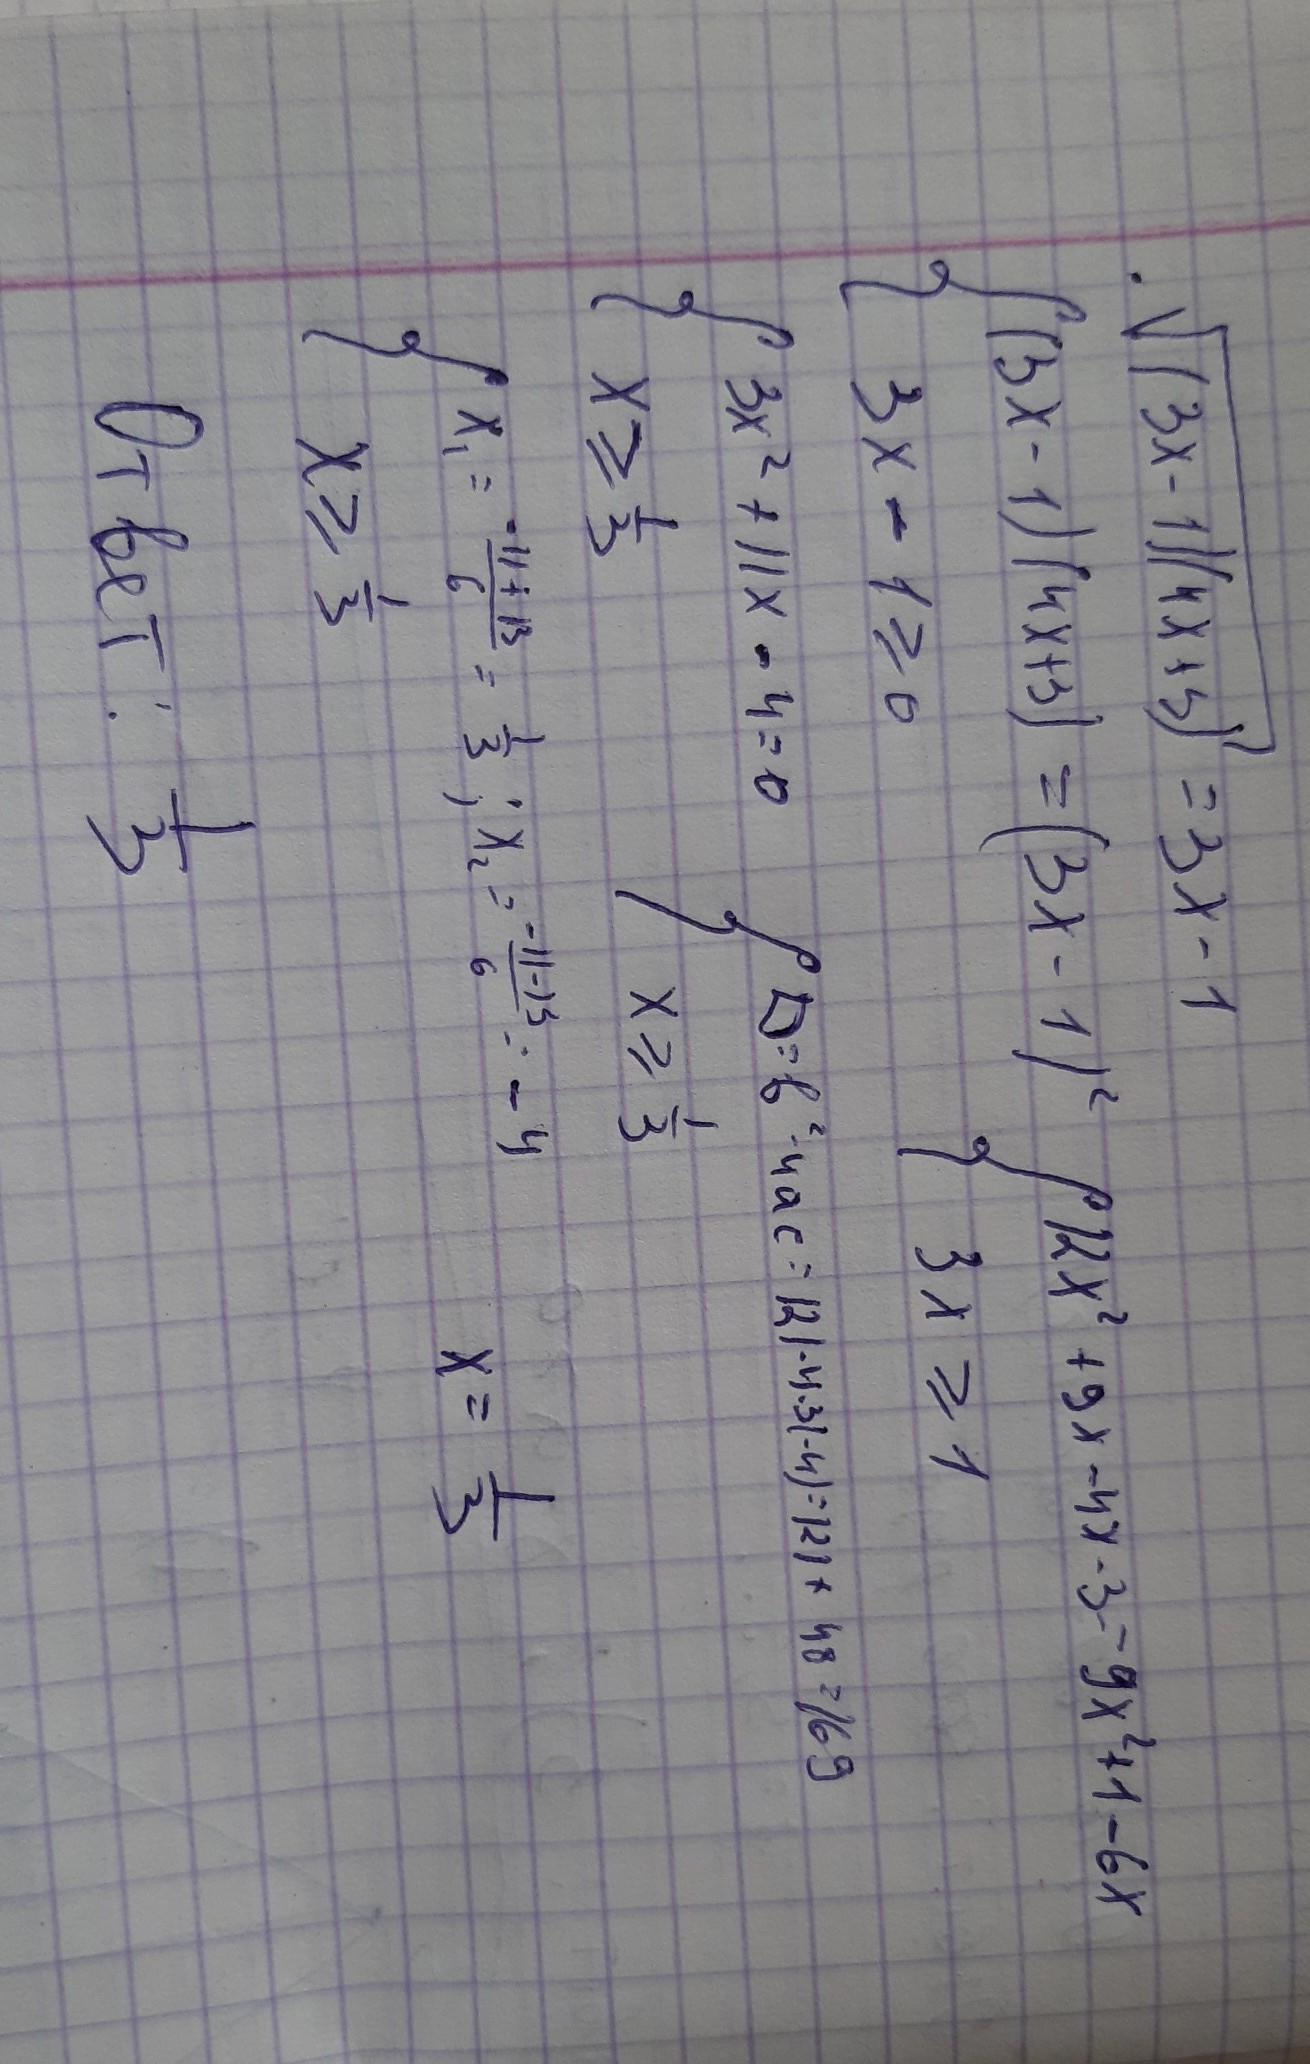 Решите уравнение: √(3Х-1)(4Х+3)=3Х-1 пожалуста